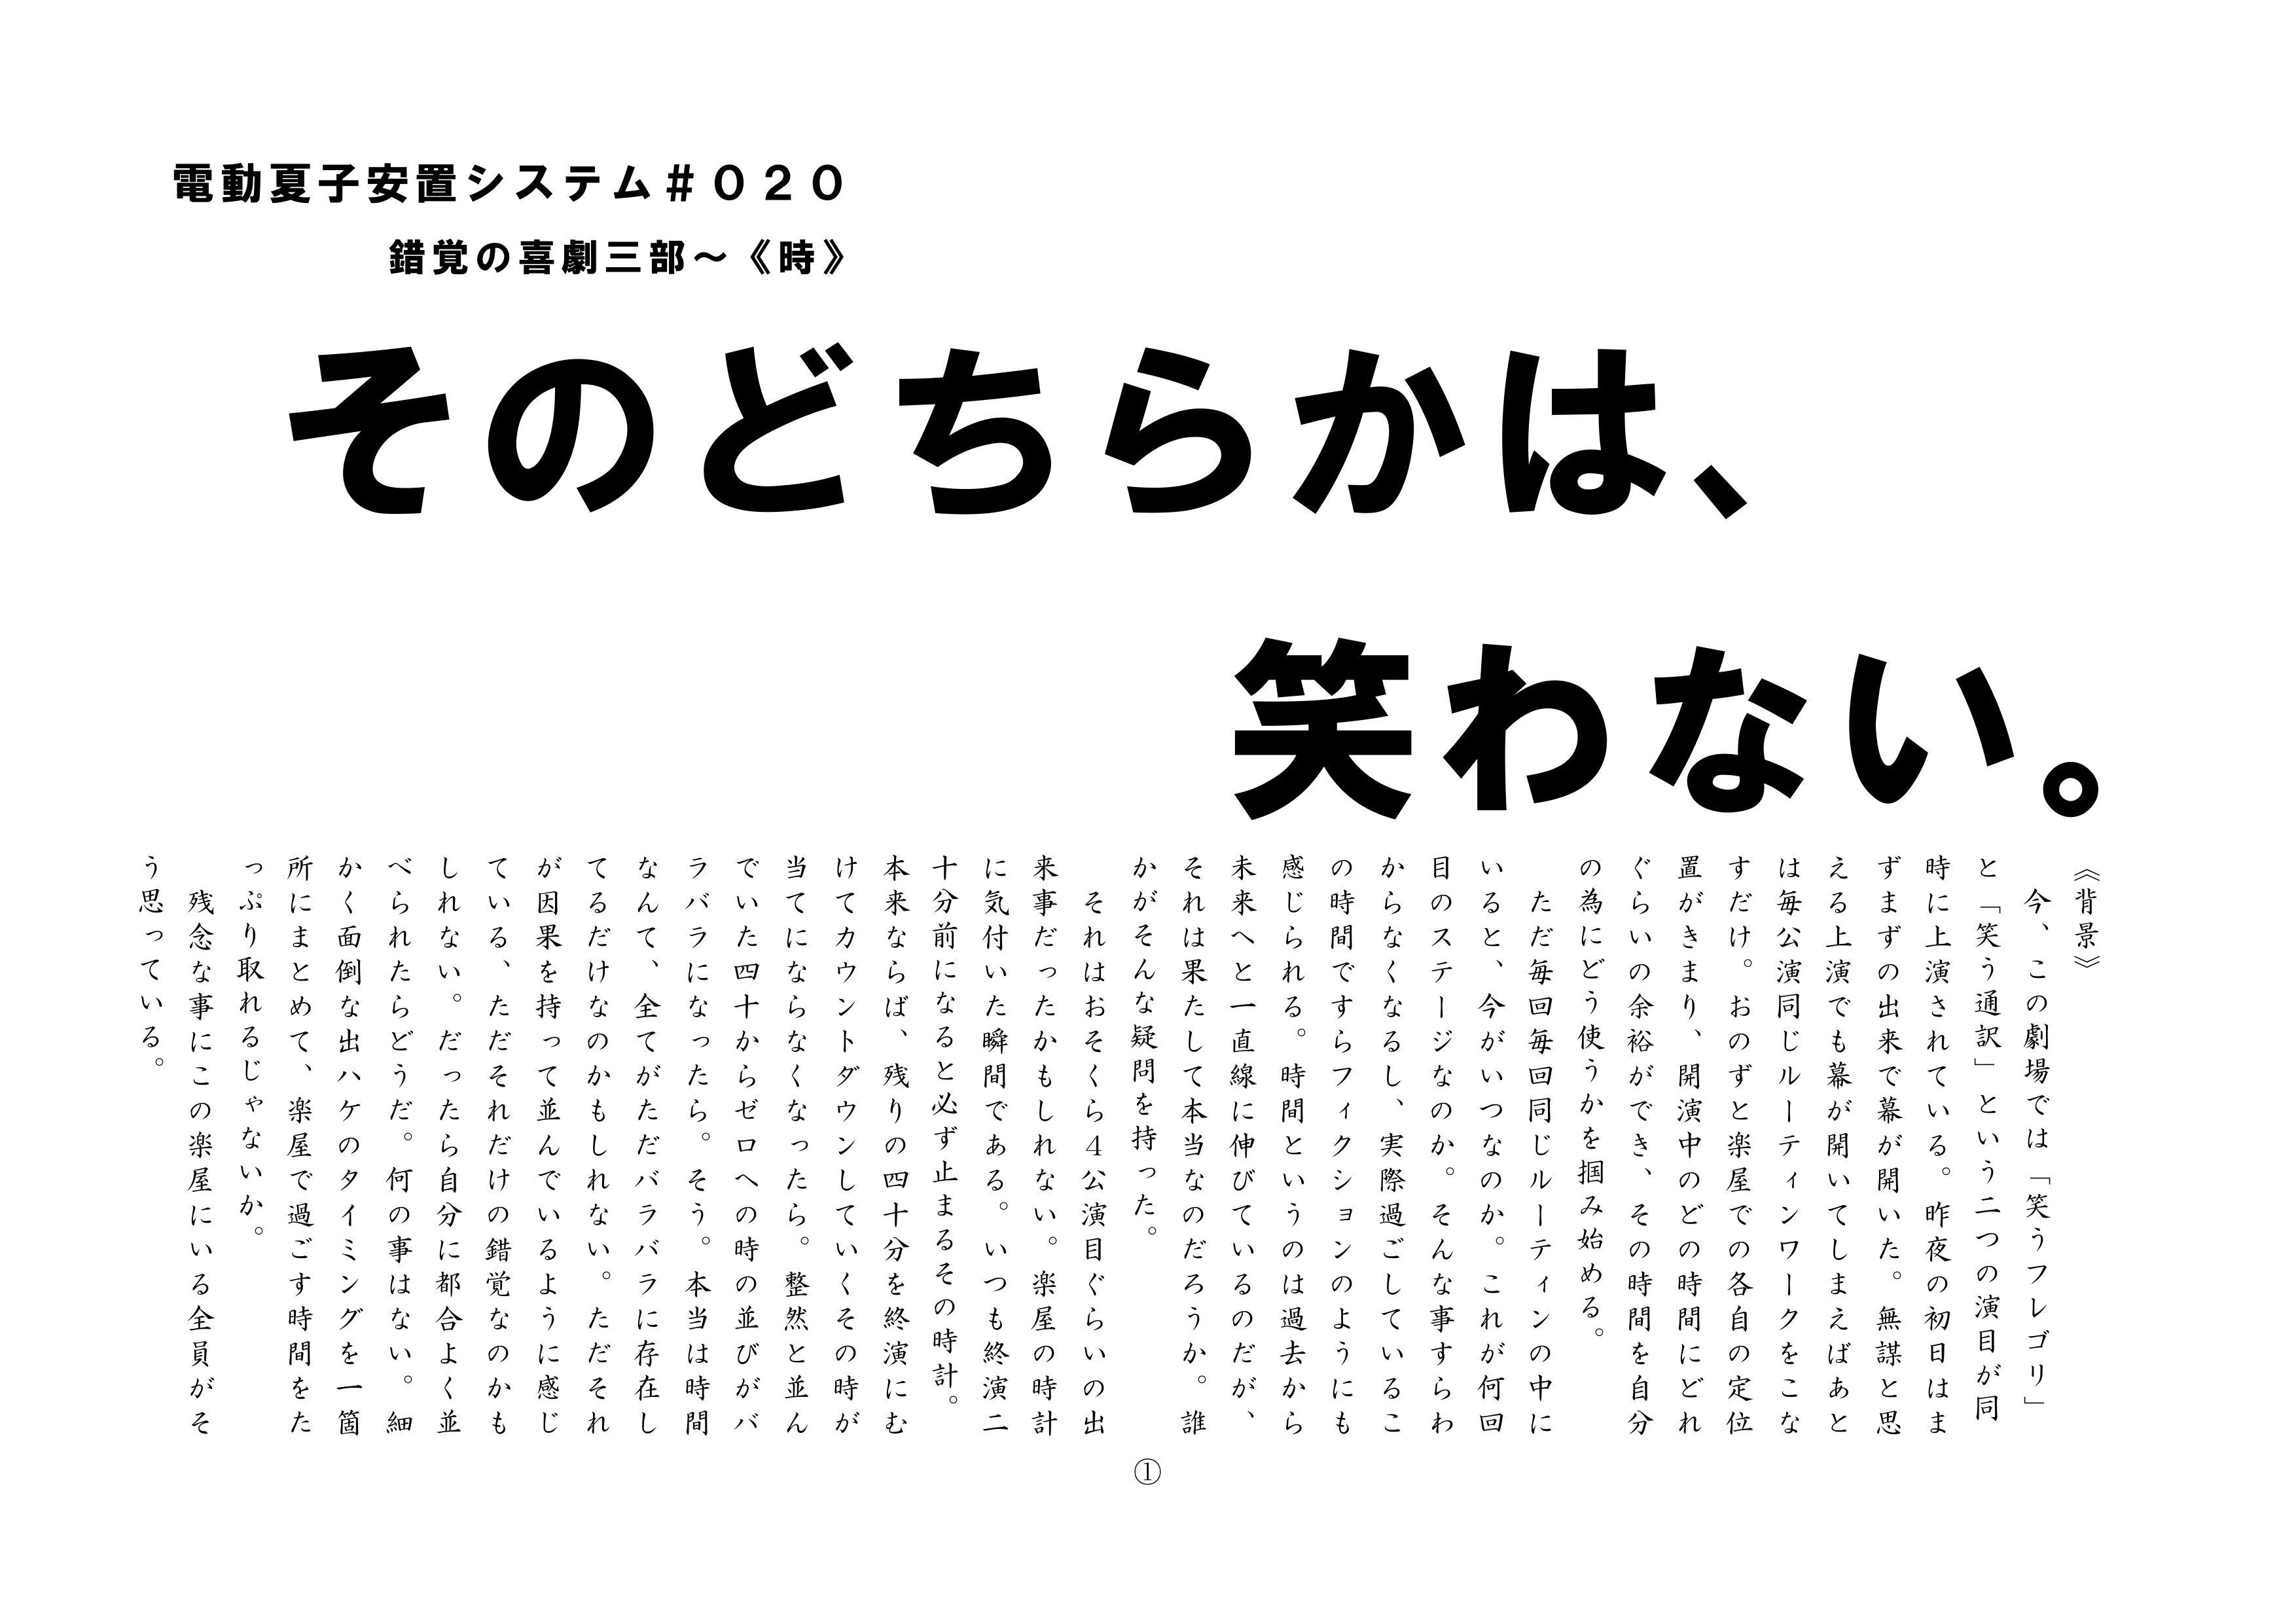 【ラスト1冊!】台本 第20回公演『そのどちらかは、笑わない。』